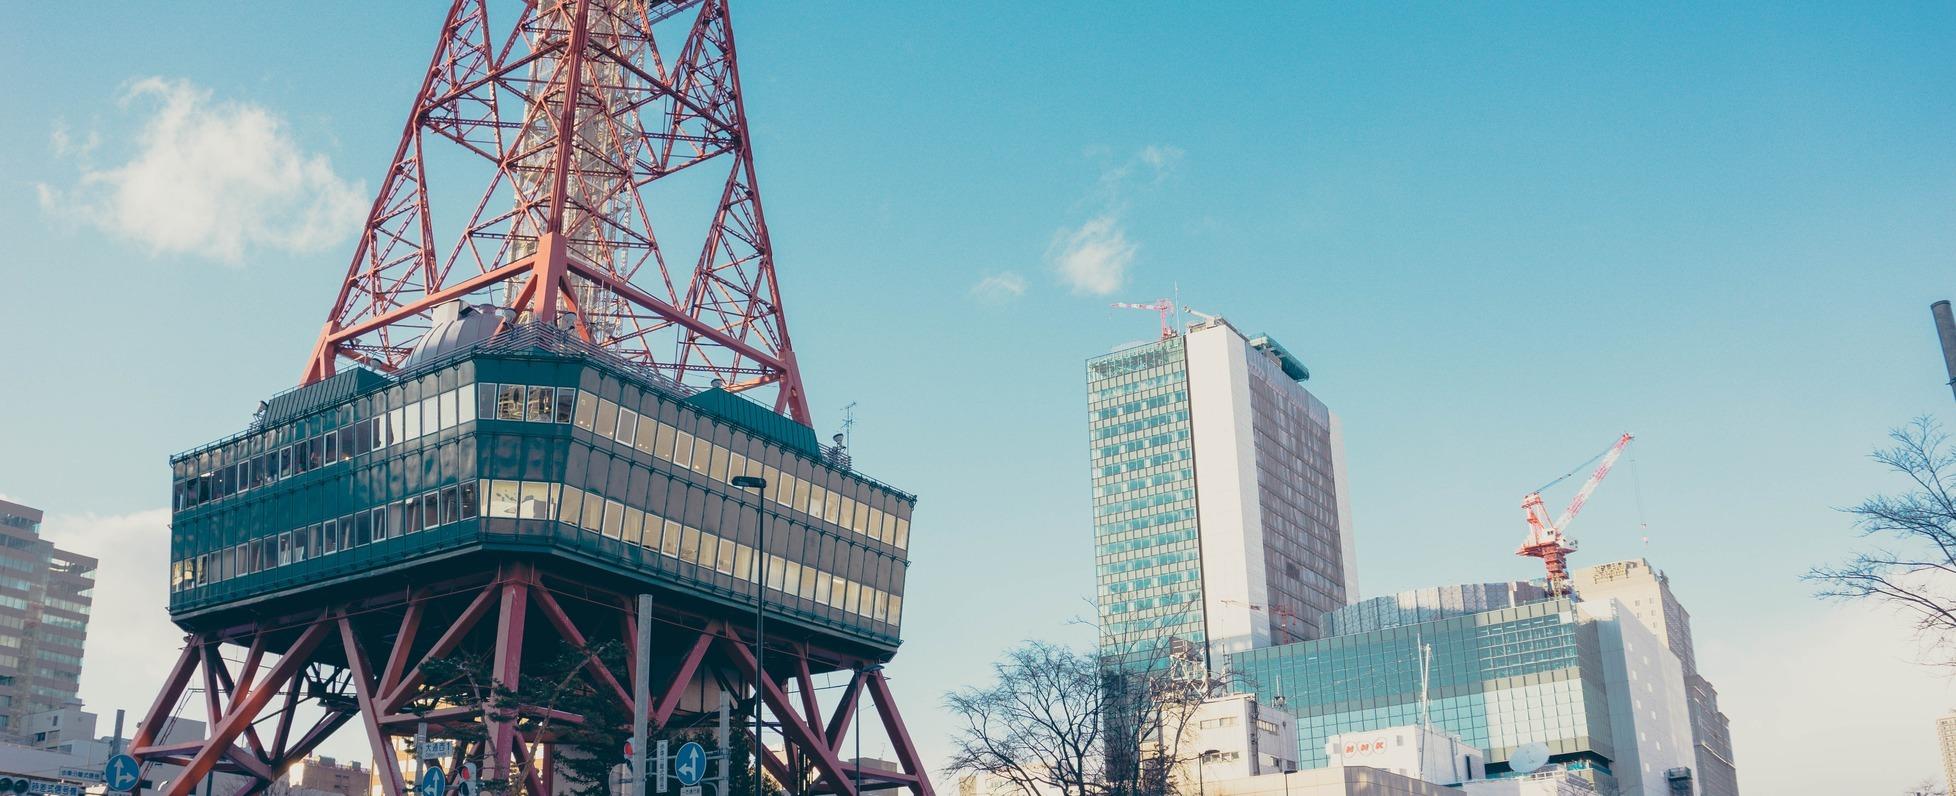 【フルリモート・フルフレックスOK】札幌発のスタートアップで事業成長にコミットしたいバックエンドエンジニアWANTED!